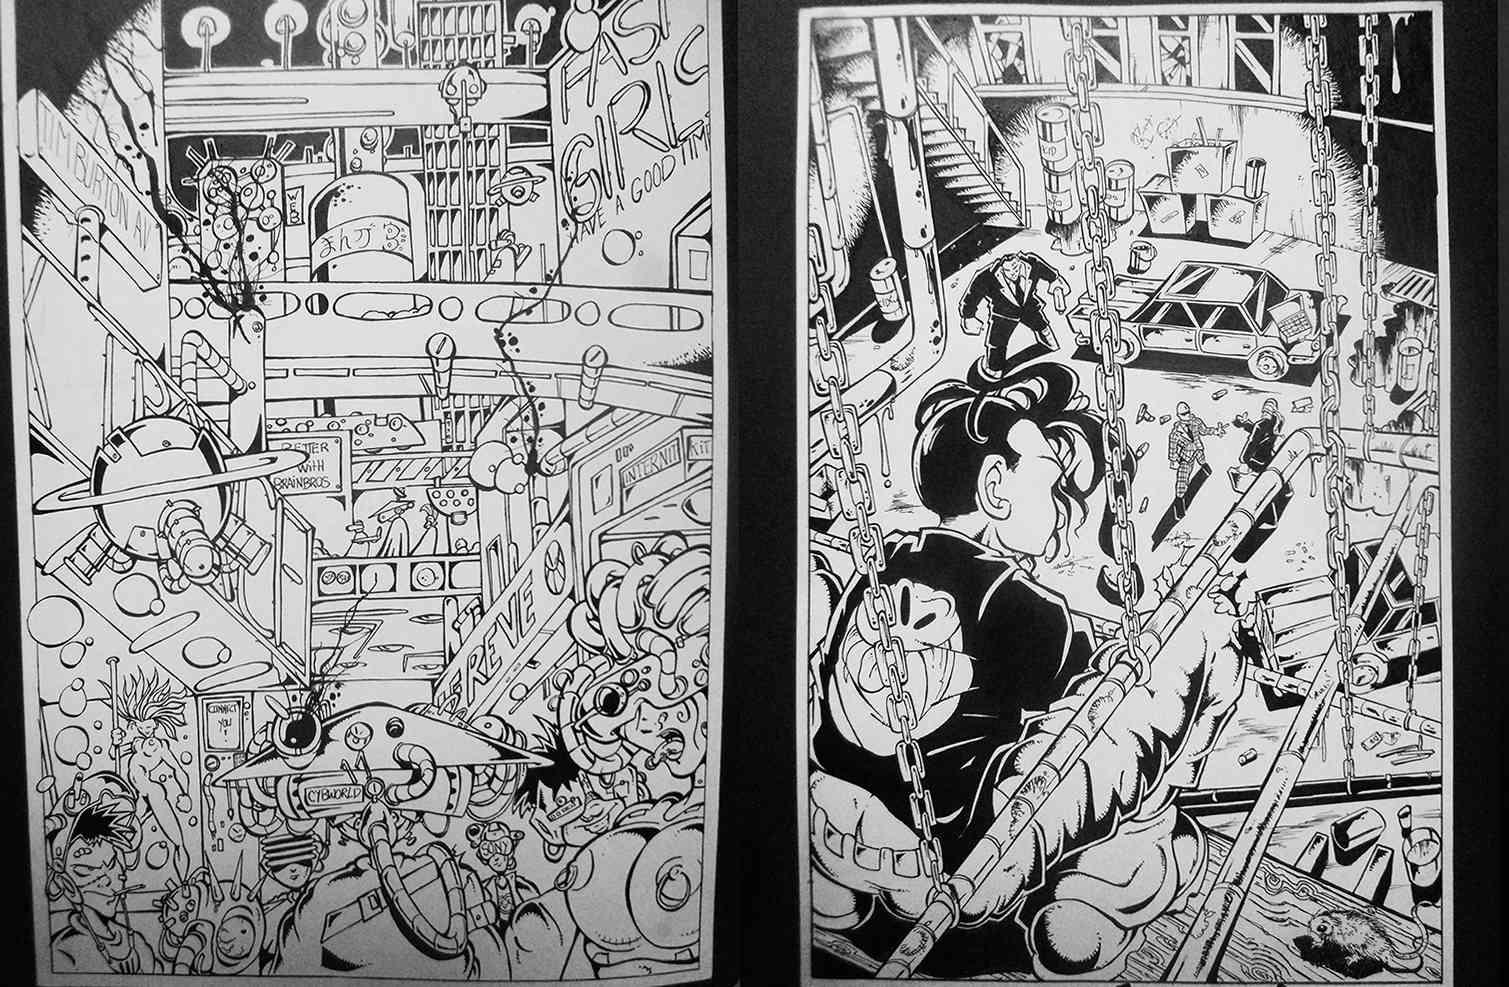 [inspi] Timeline - vos vieux dessins - Page 3 310